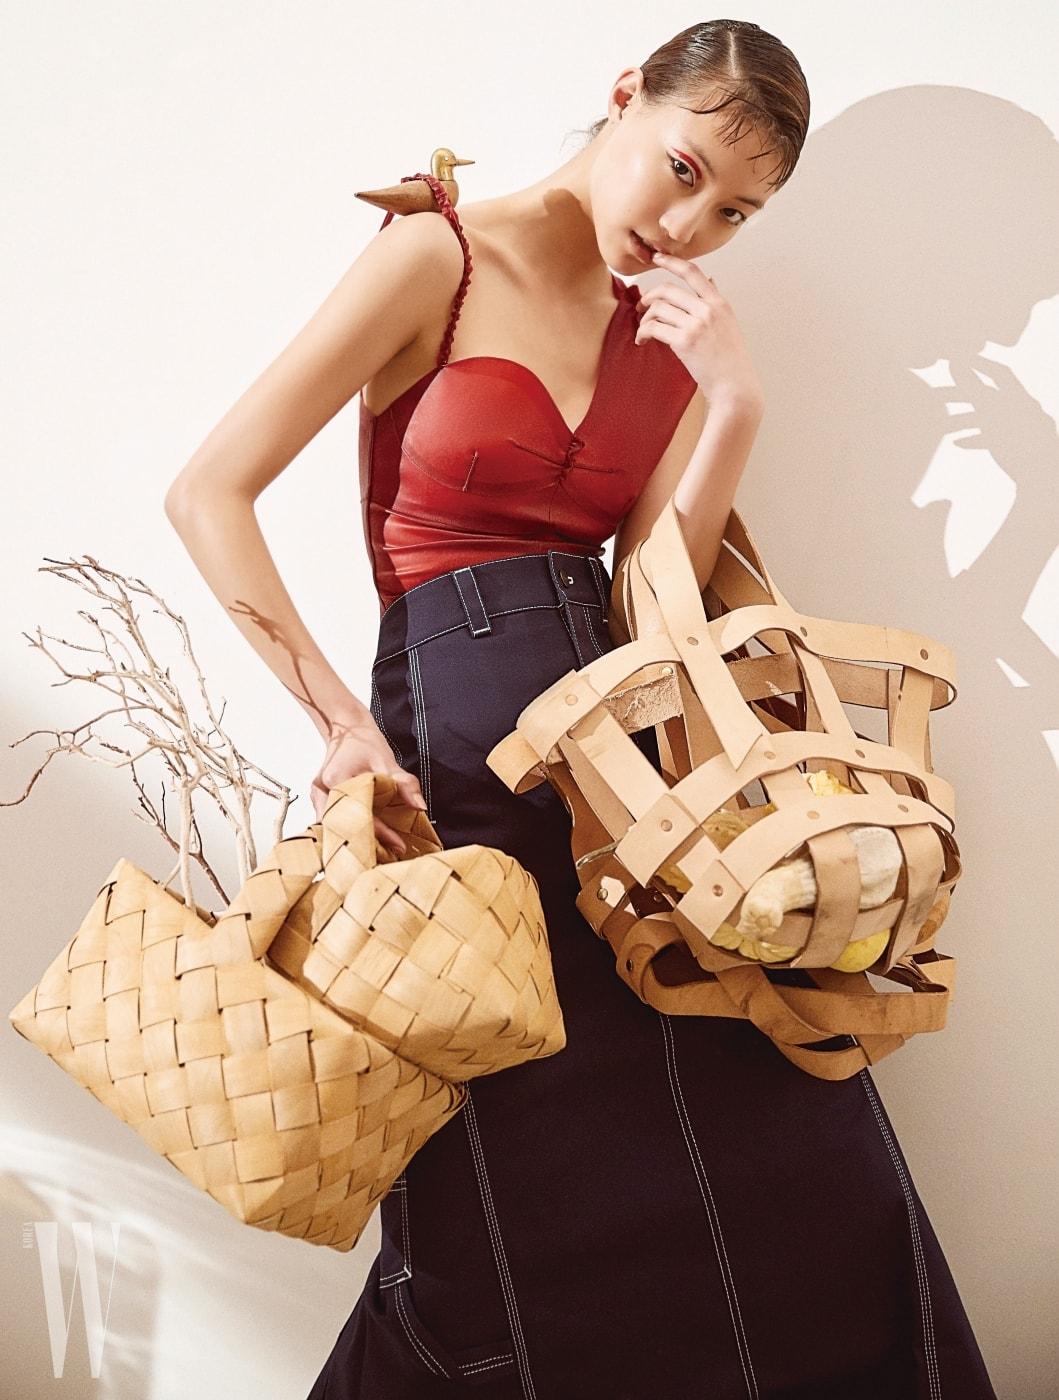 빨간색 보디슈트는 Louis Vuitton, 롱 데님 스커트는 Vetements X Carhartt by 10 Corso Como 제품. 나무껍질로 짠 바구니와 가방으로 연출한 베지터블 가죽으로 만든 화분 바구니, 나무, 과일 오브제는 모두 Verythings 제품.